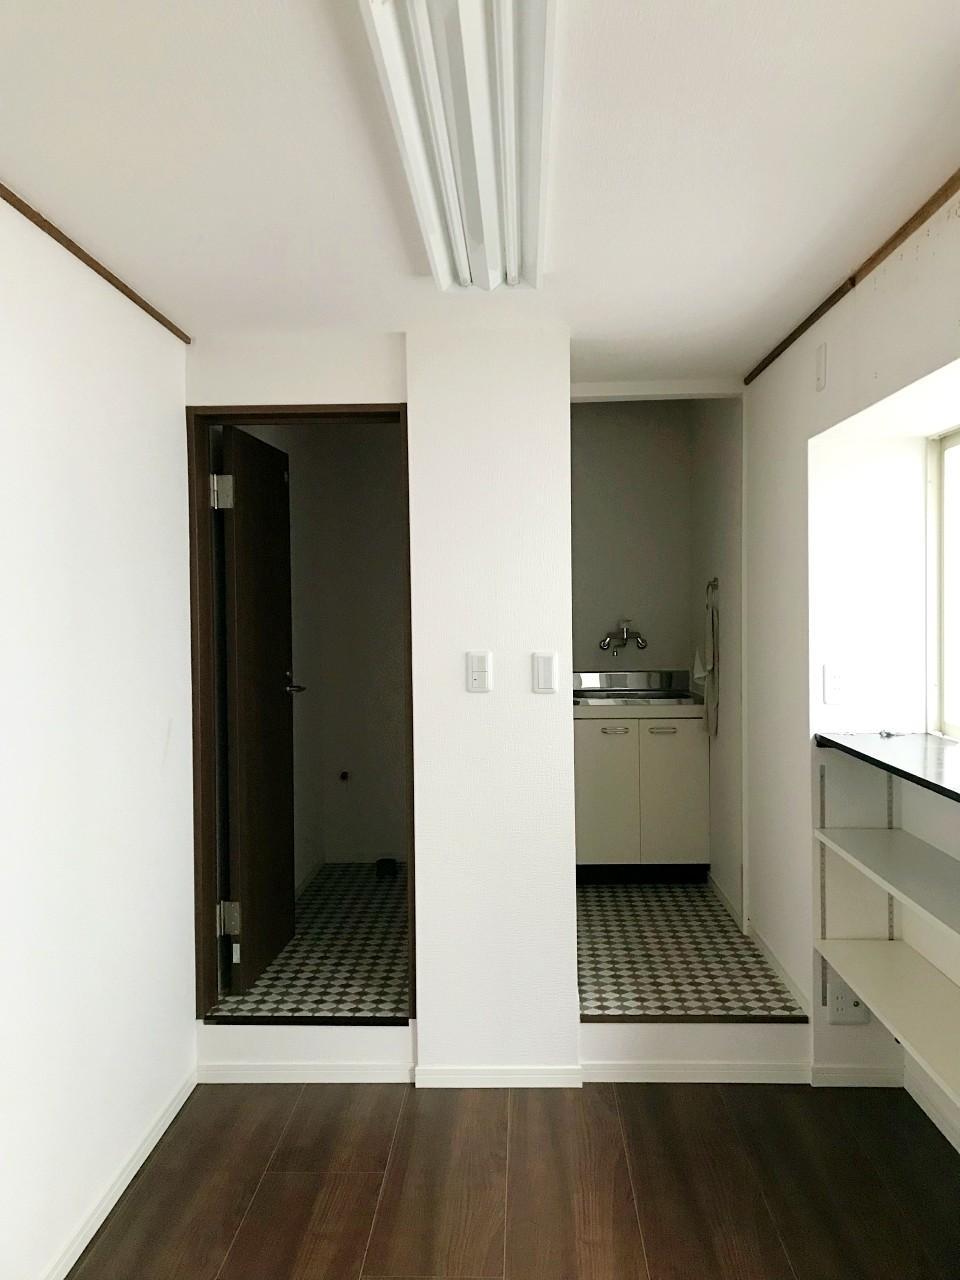 キッチンとトイレは奥に固まってます(トイレは入居前に設置予定)